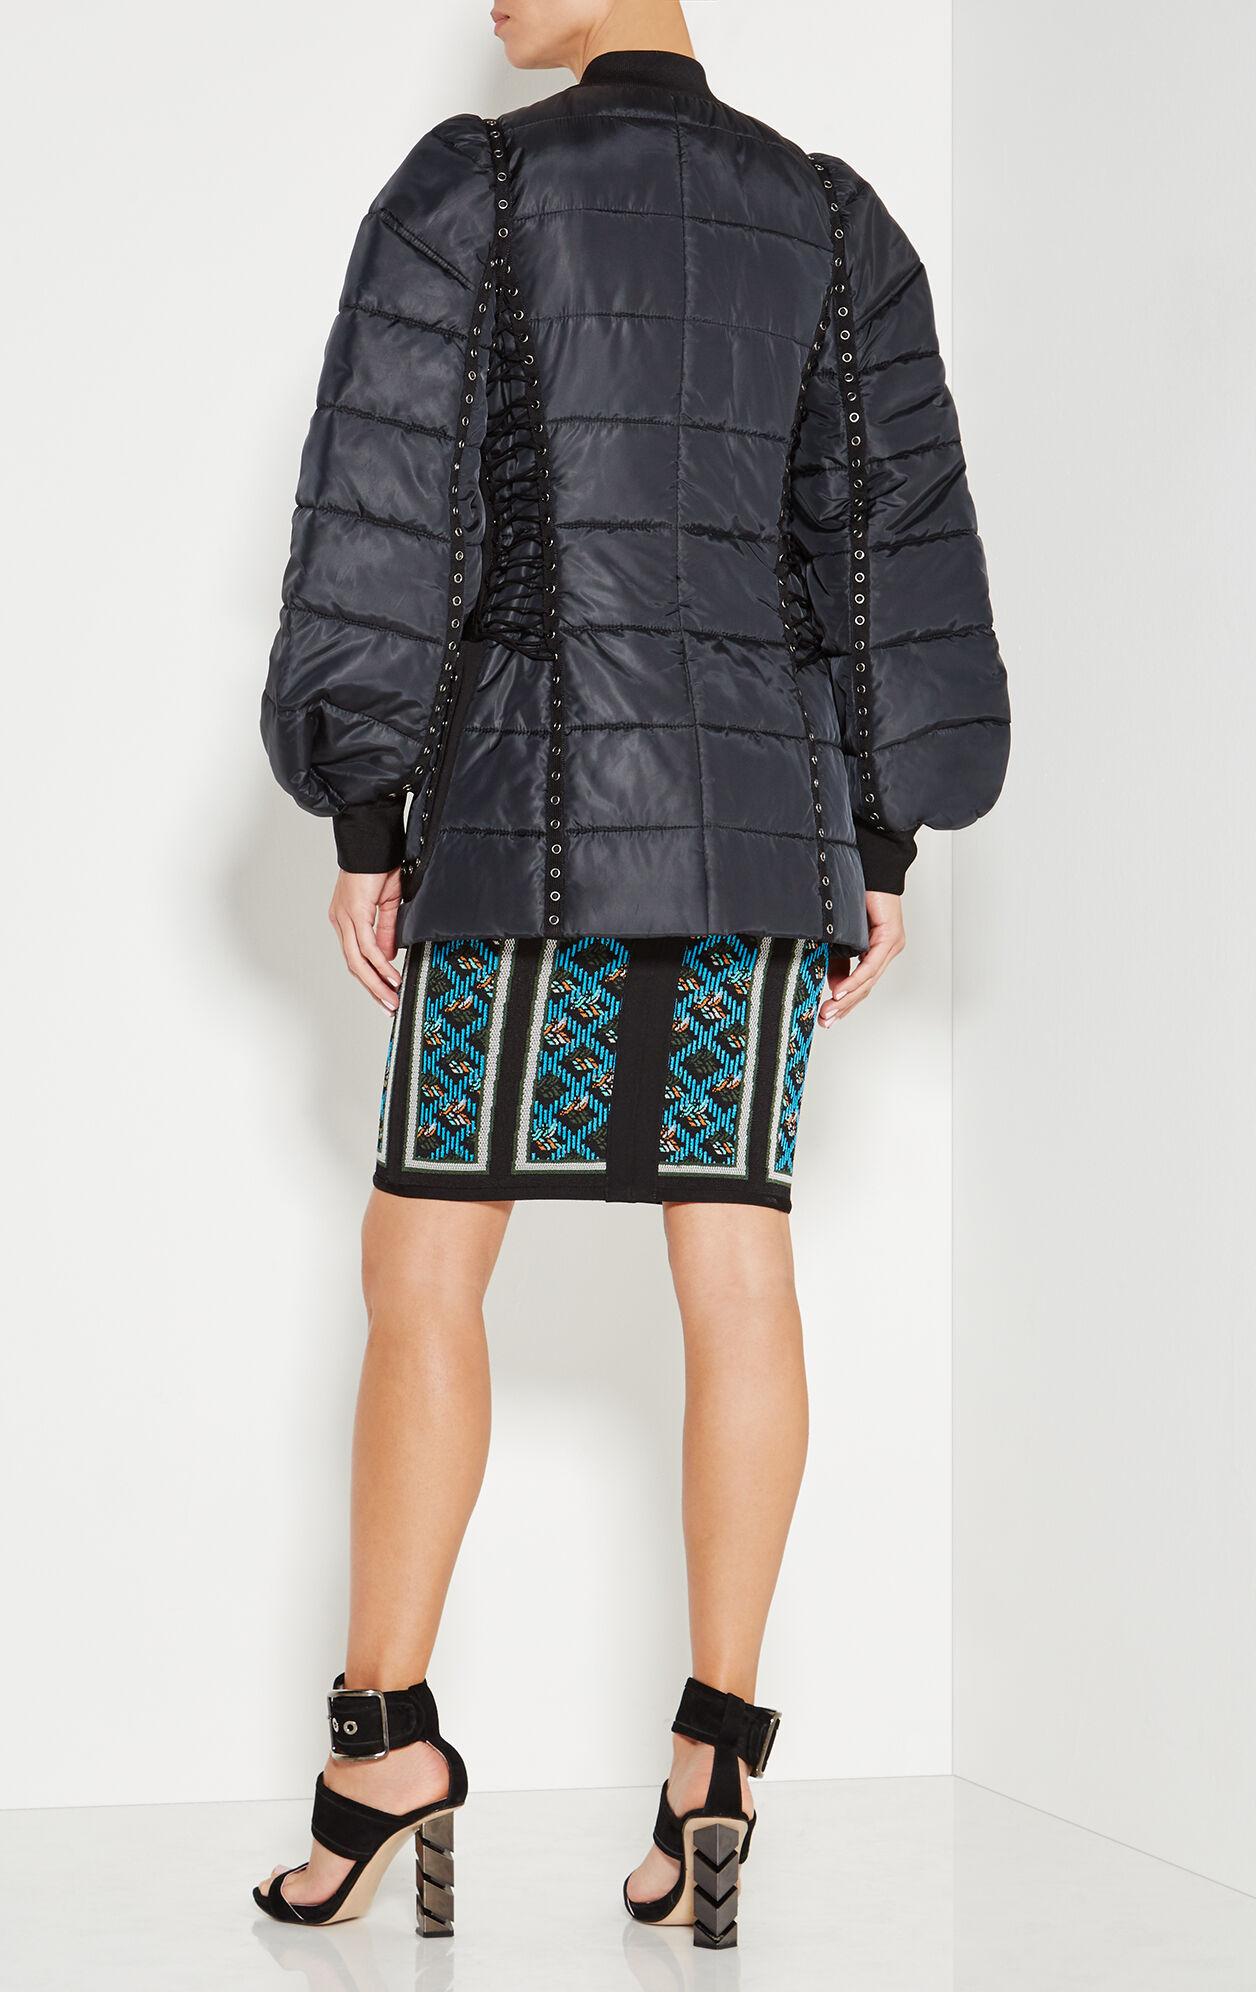 Rys Multi-Texture Jacket